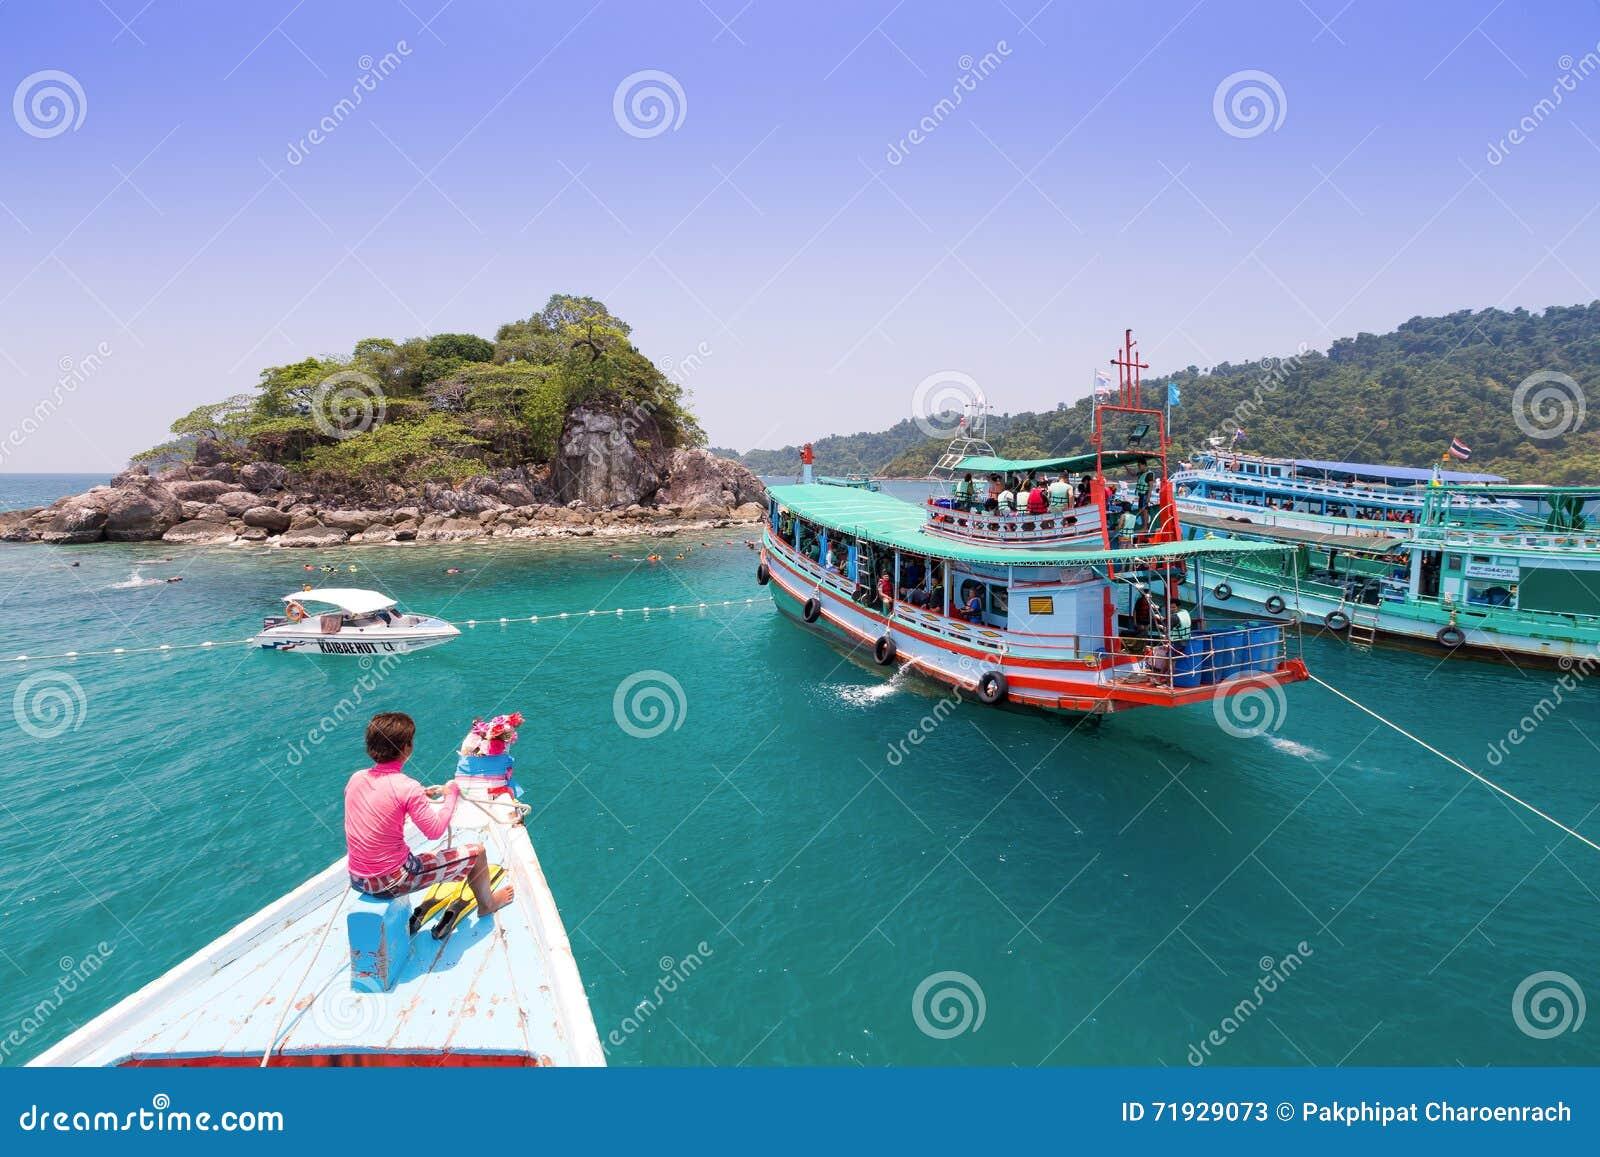 Туристы наслаждаются snorkeling под водой